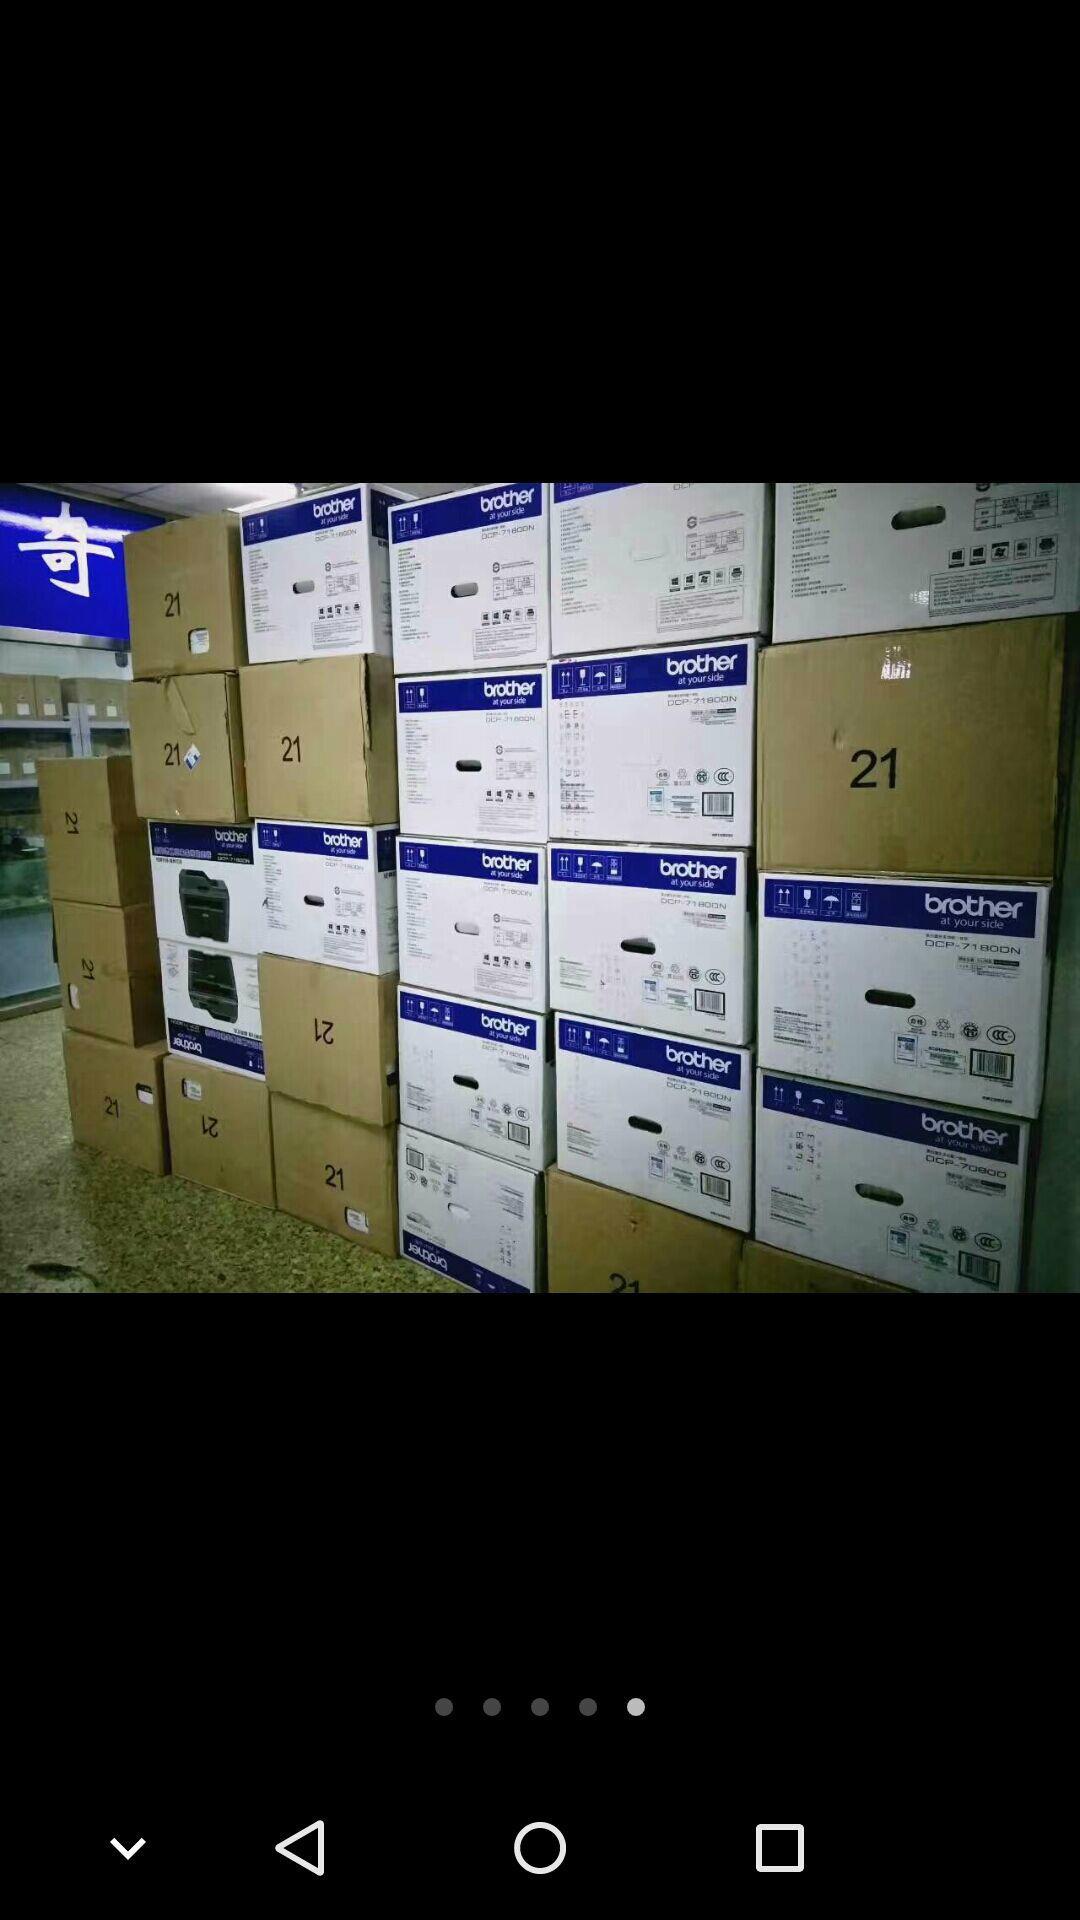 济南东芝2008打印机原装硒鼓经销商 1